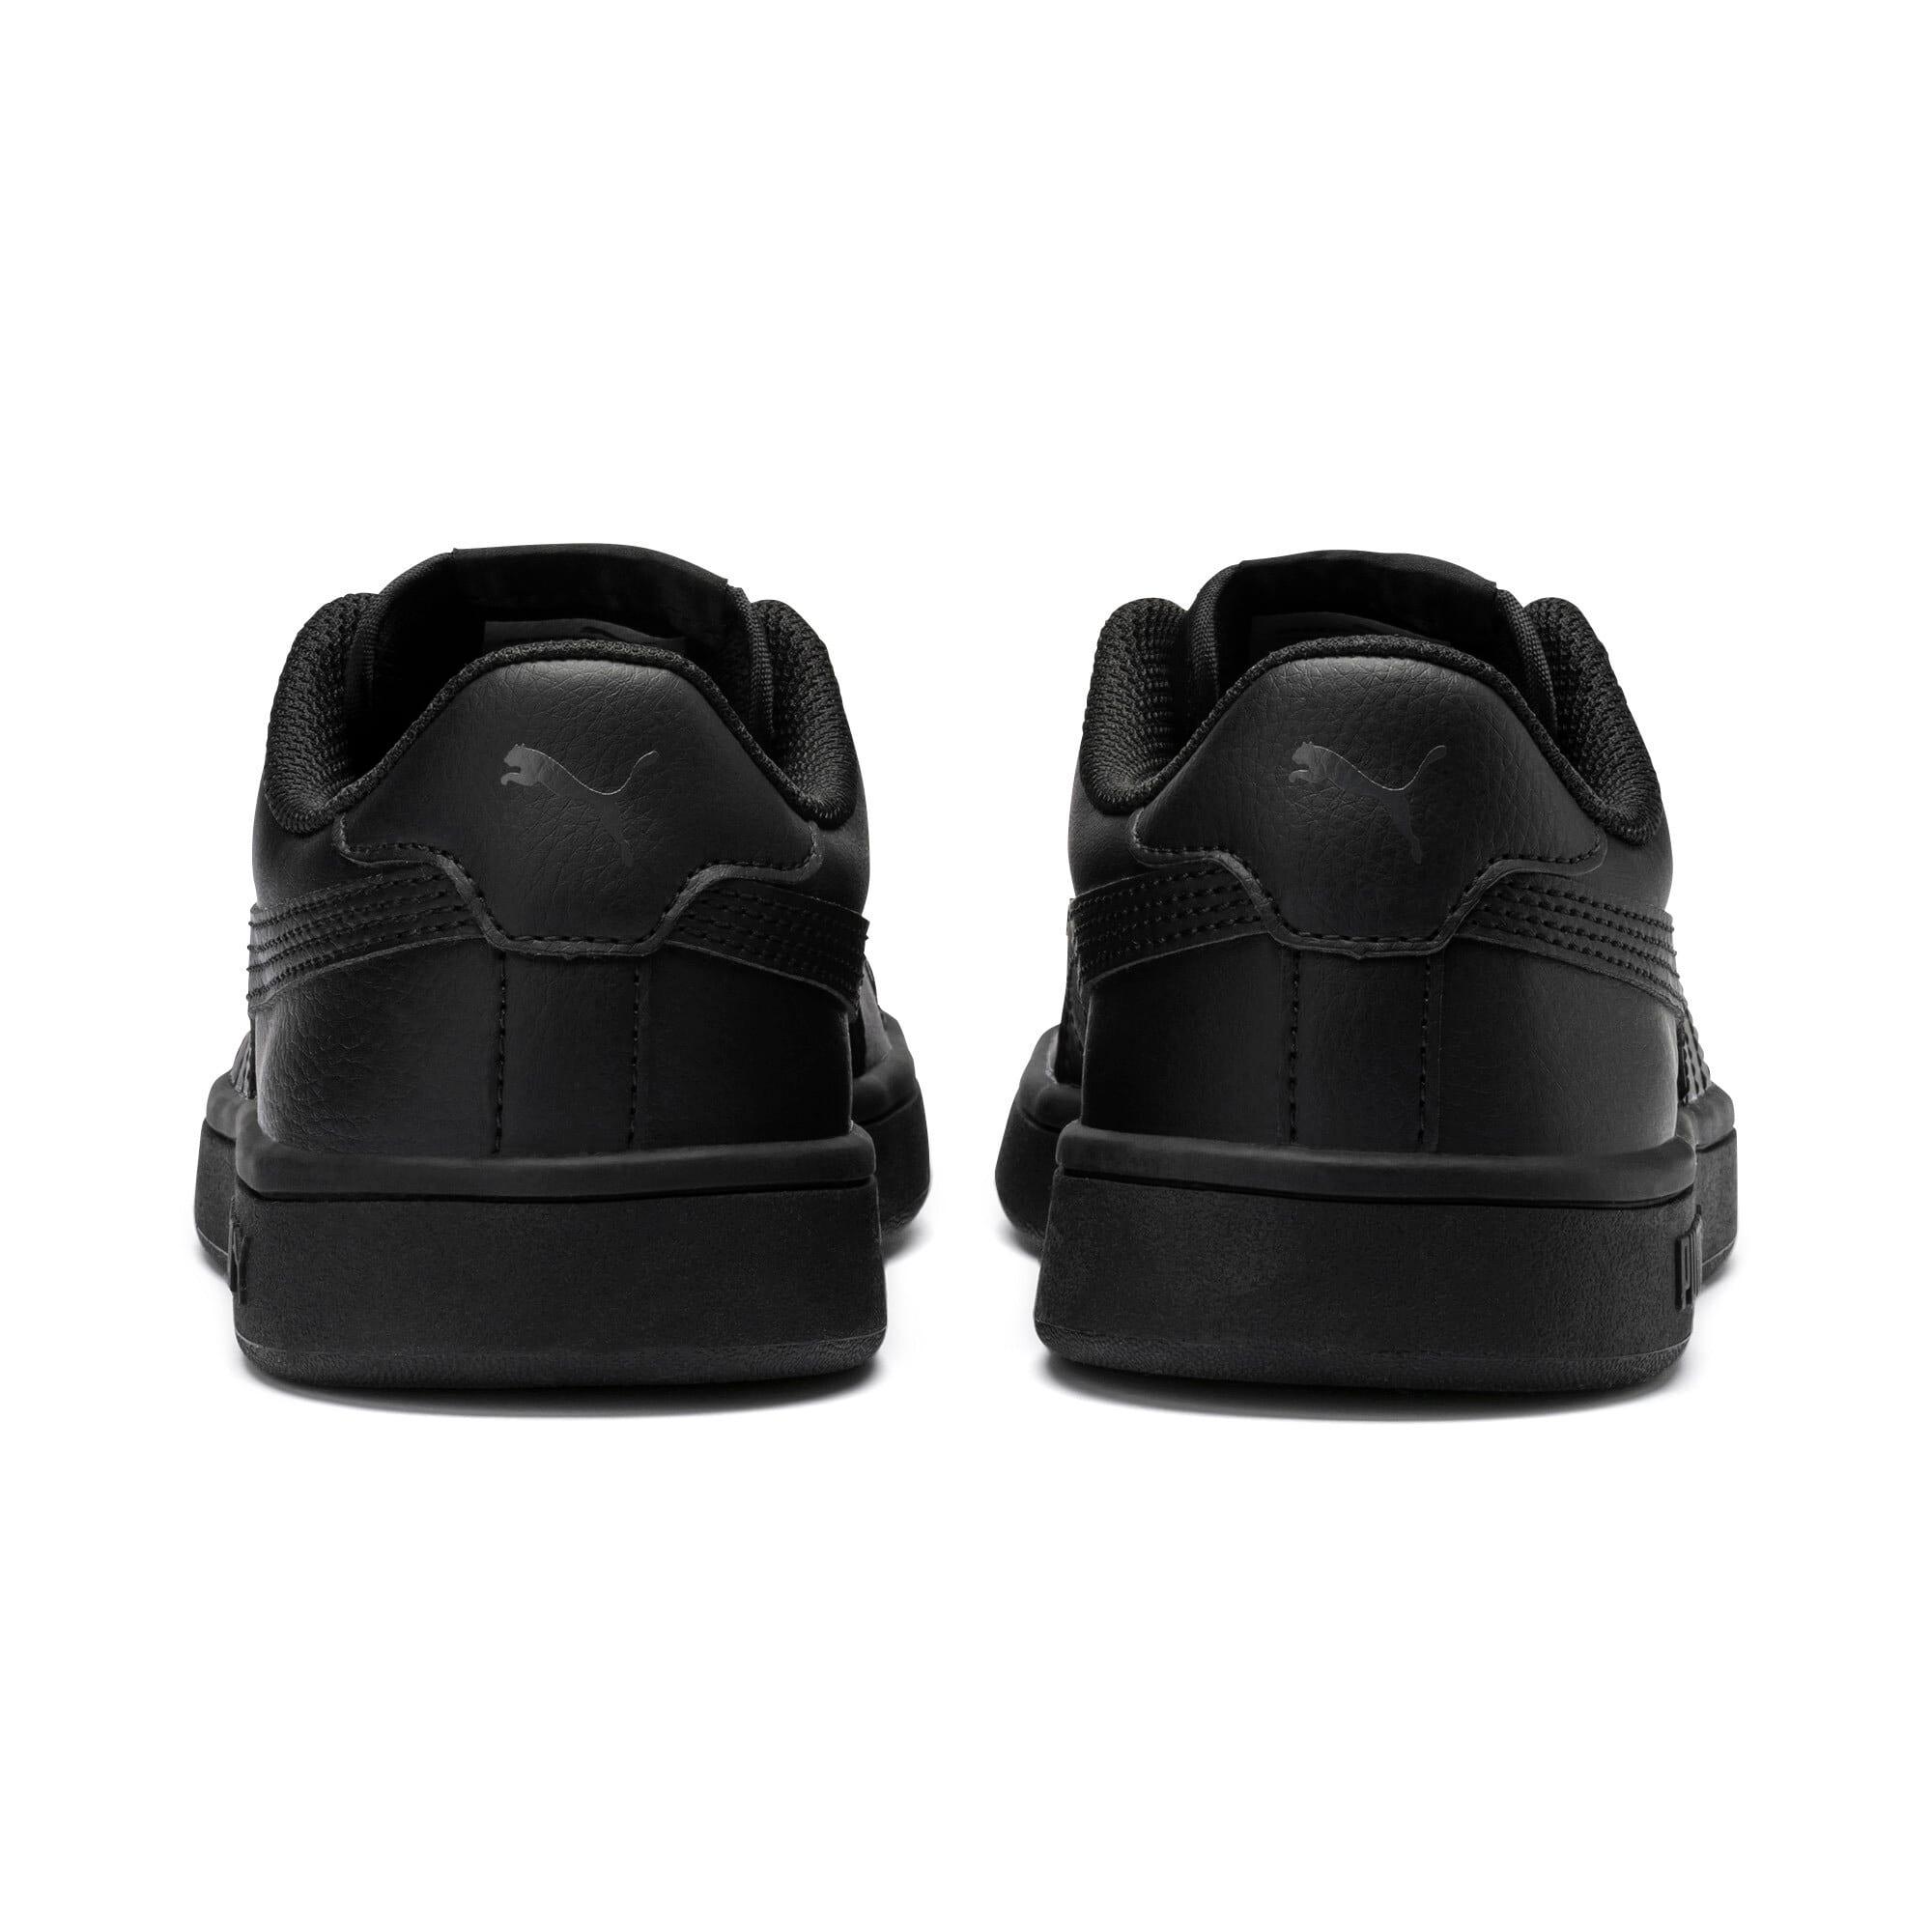 Thumbnail 3 of PUMA Smash v2 Youth Sneaker, Puma Black-Puma Black, medium